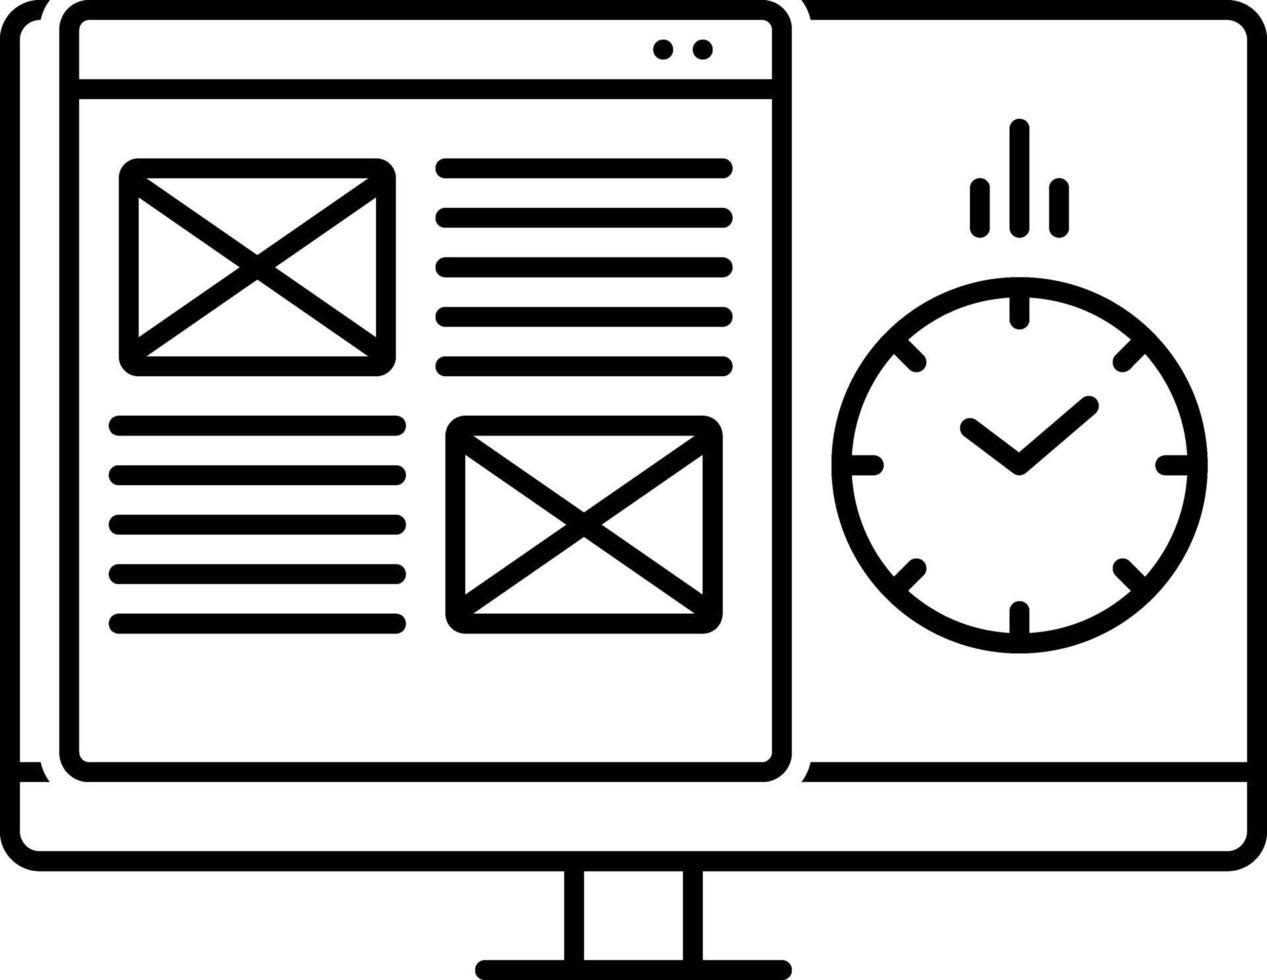 icono de línea para la gestión de proyectos vector